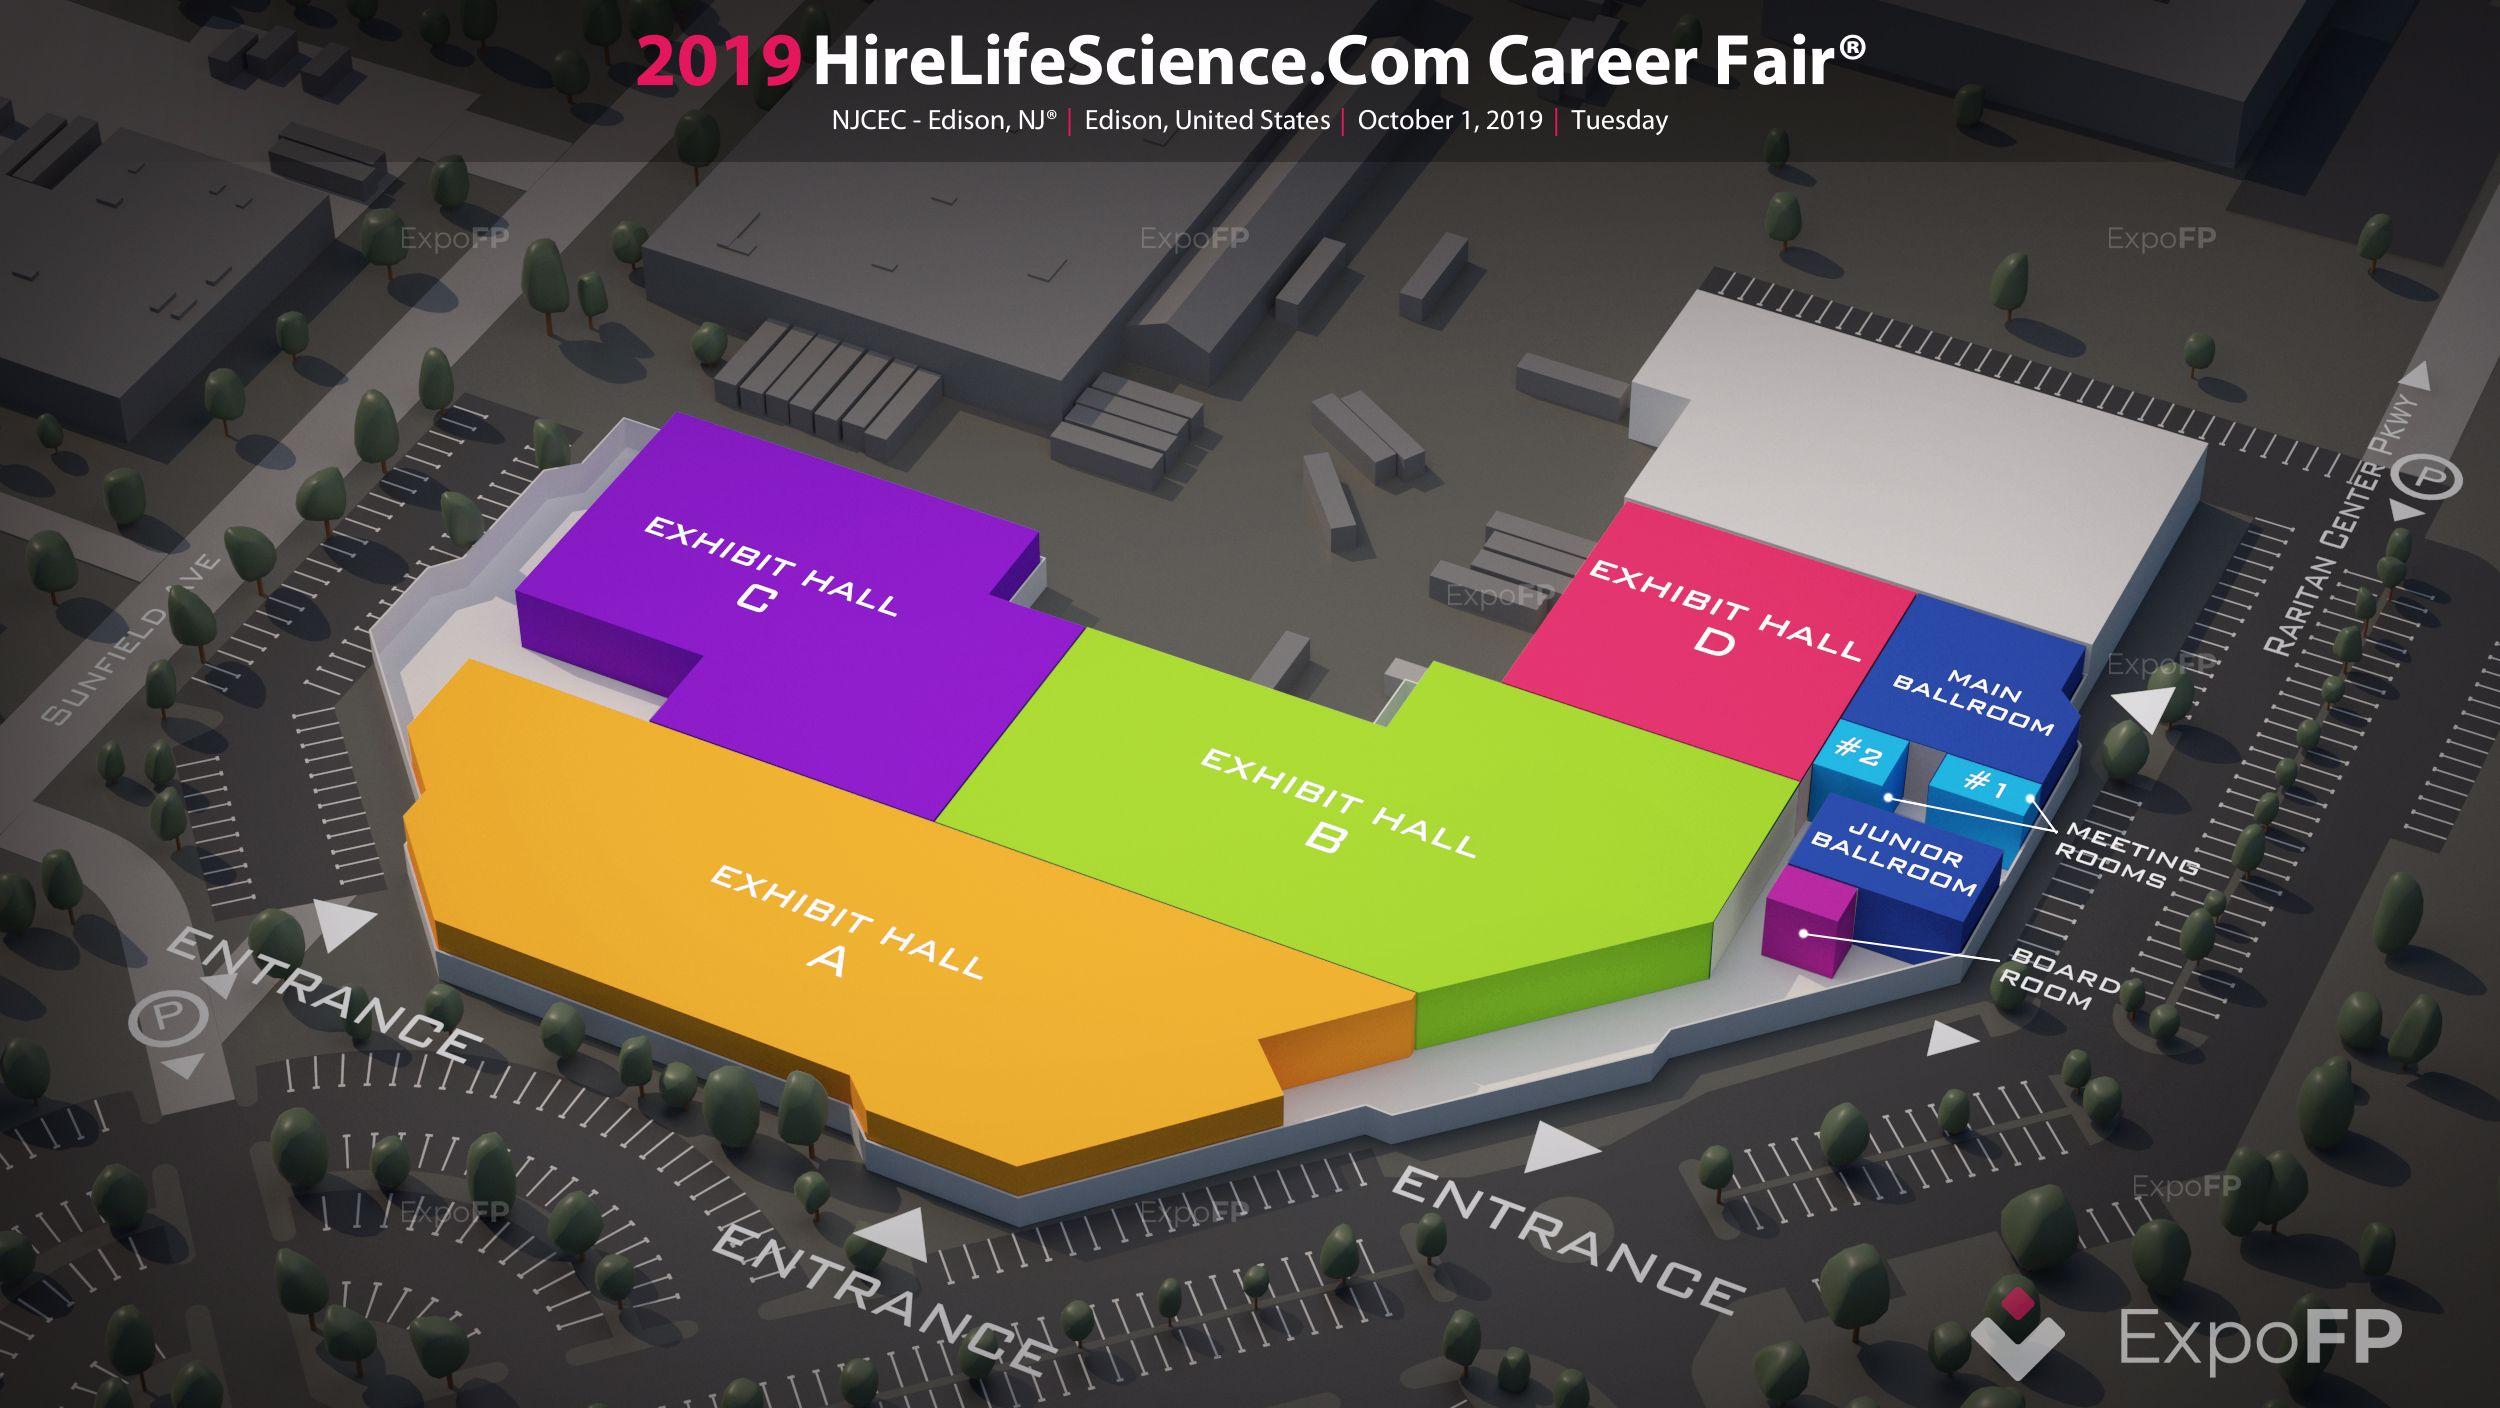 2020 Career And Resource Fair In Harlem.Hirelifescience Com Career Fair 2019 In Njcec